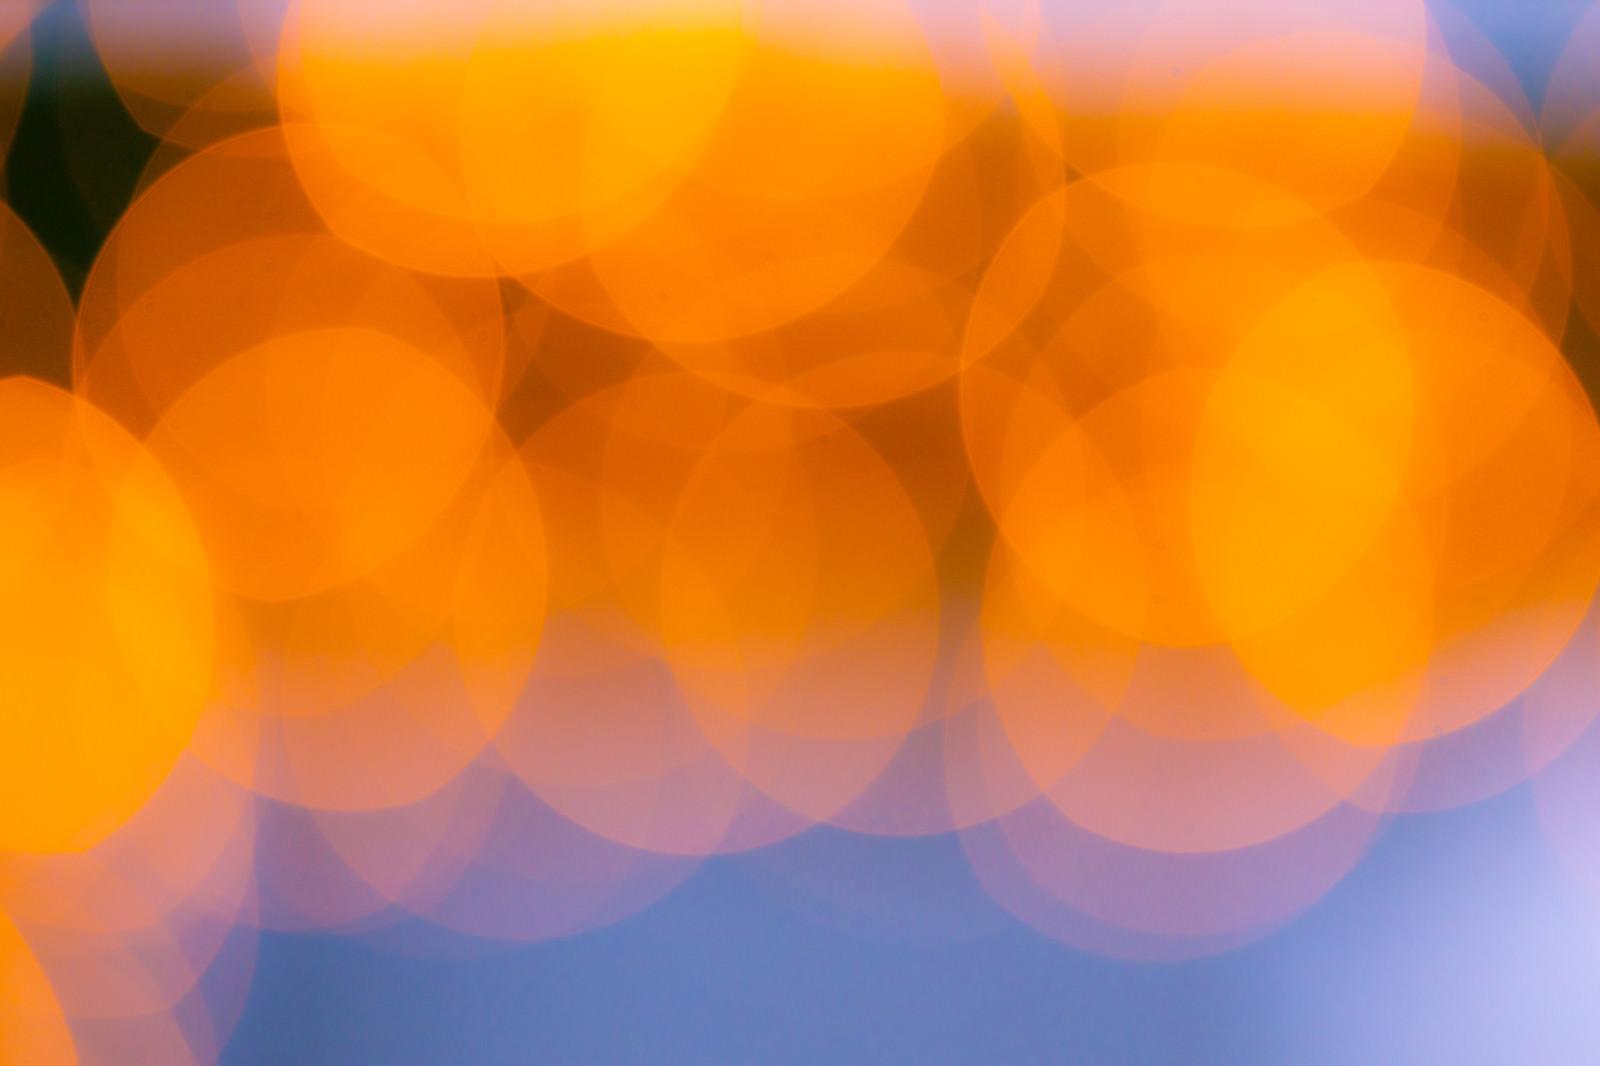 「オレンジ色に輝く丸ボケ」の写真